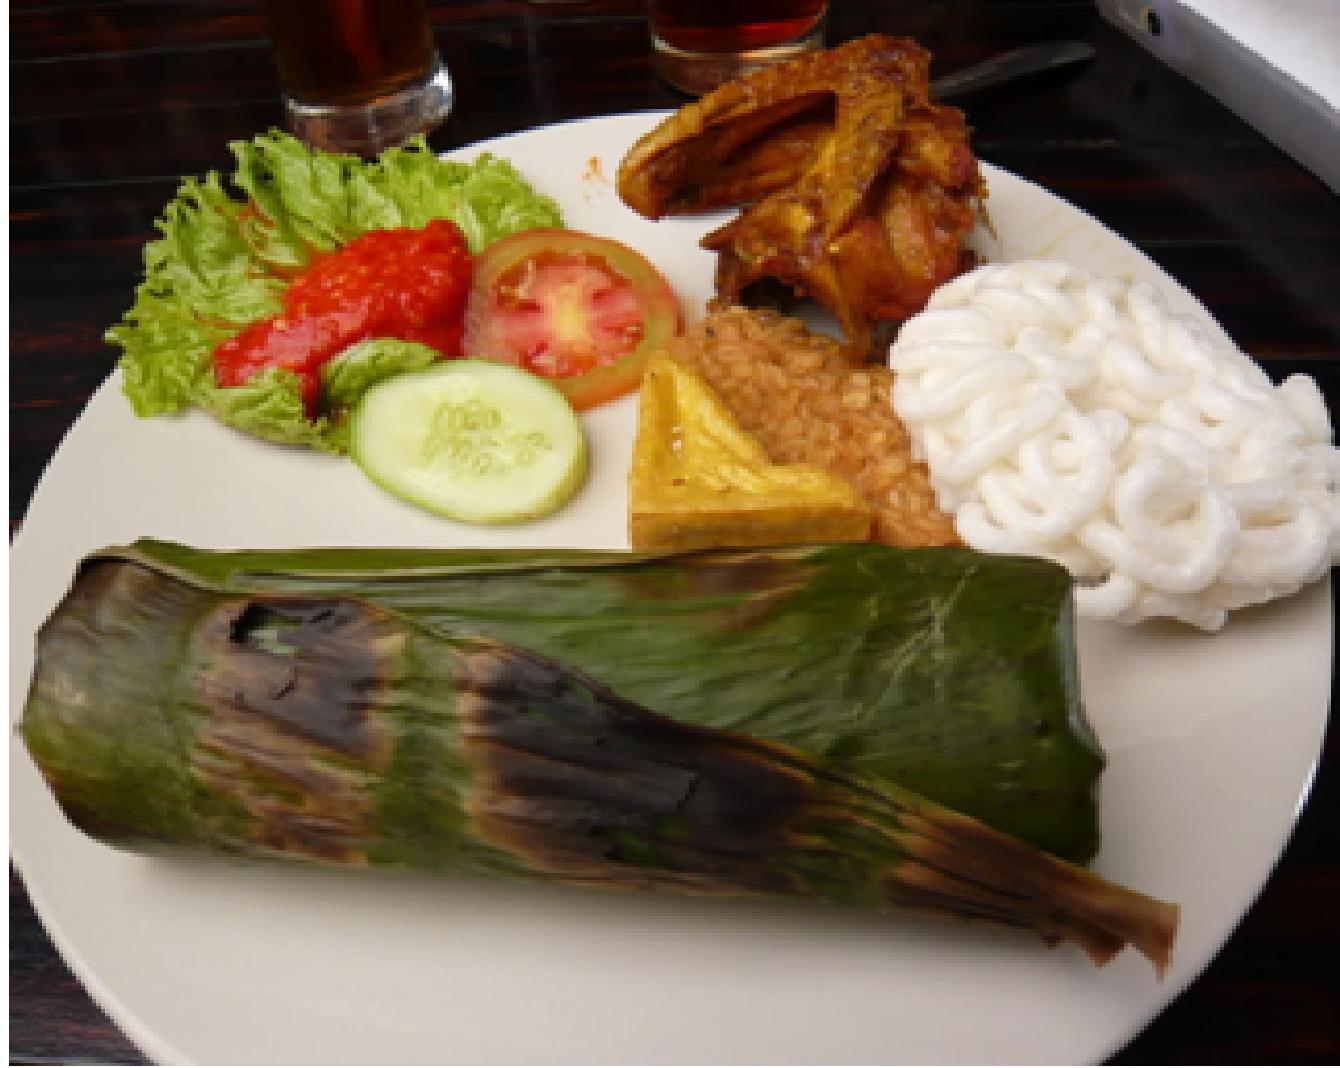 Peluang Bisnis Nasi Bakar Ayam dan Analisa Usahanya - Toko